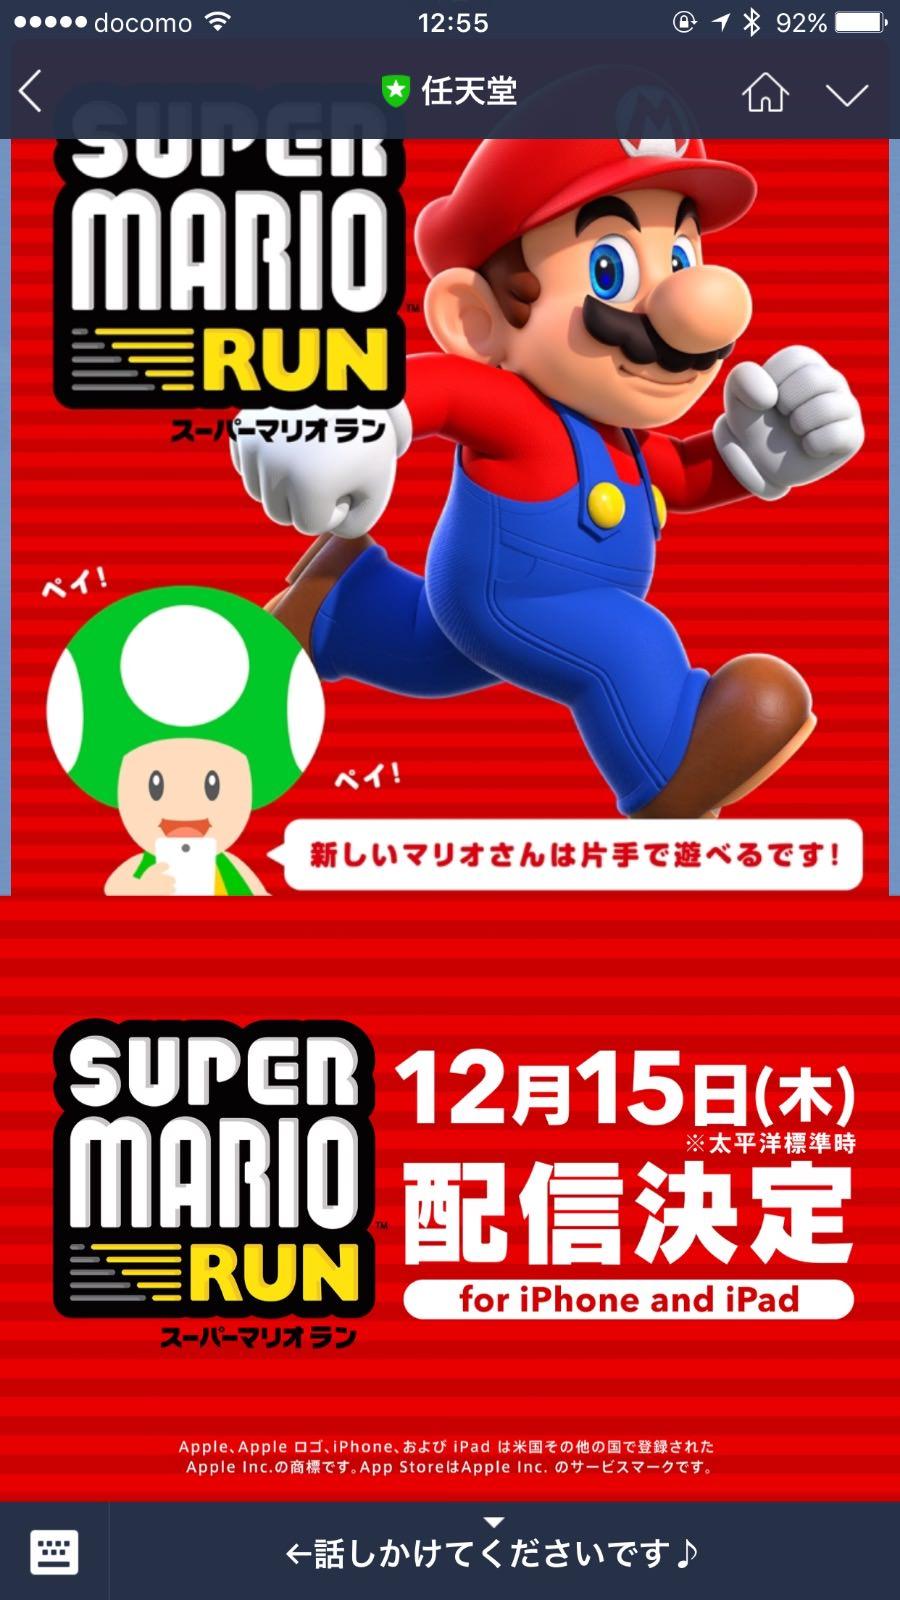 任天堂のスマホゲーム「SUPER MARIO RUN(スーパーマリオラン)」2016年12月15日より配信開始